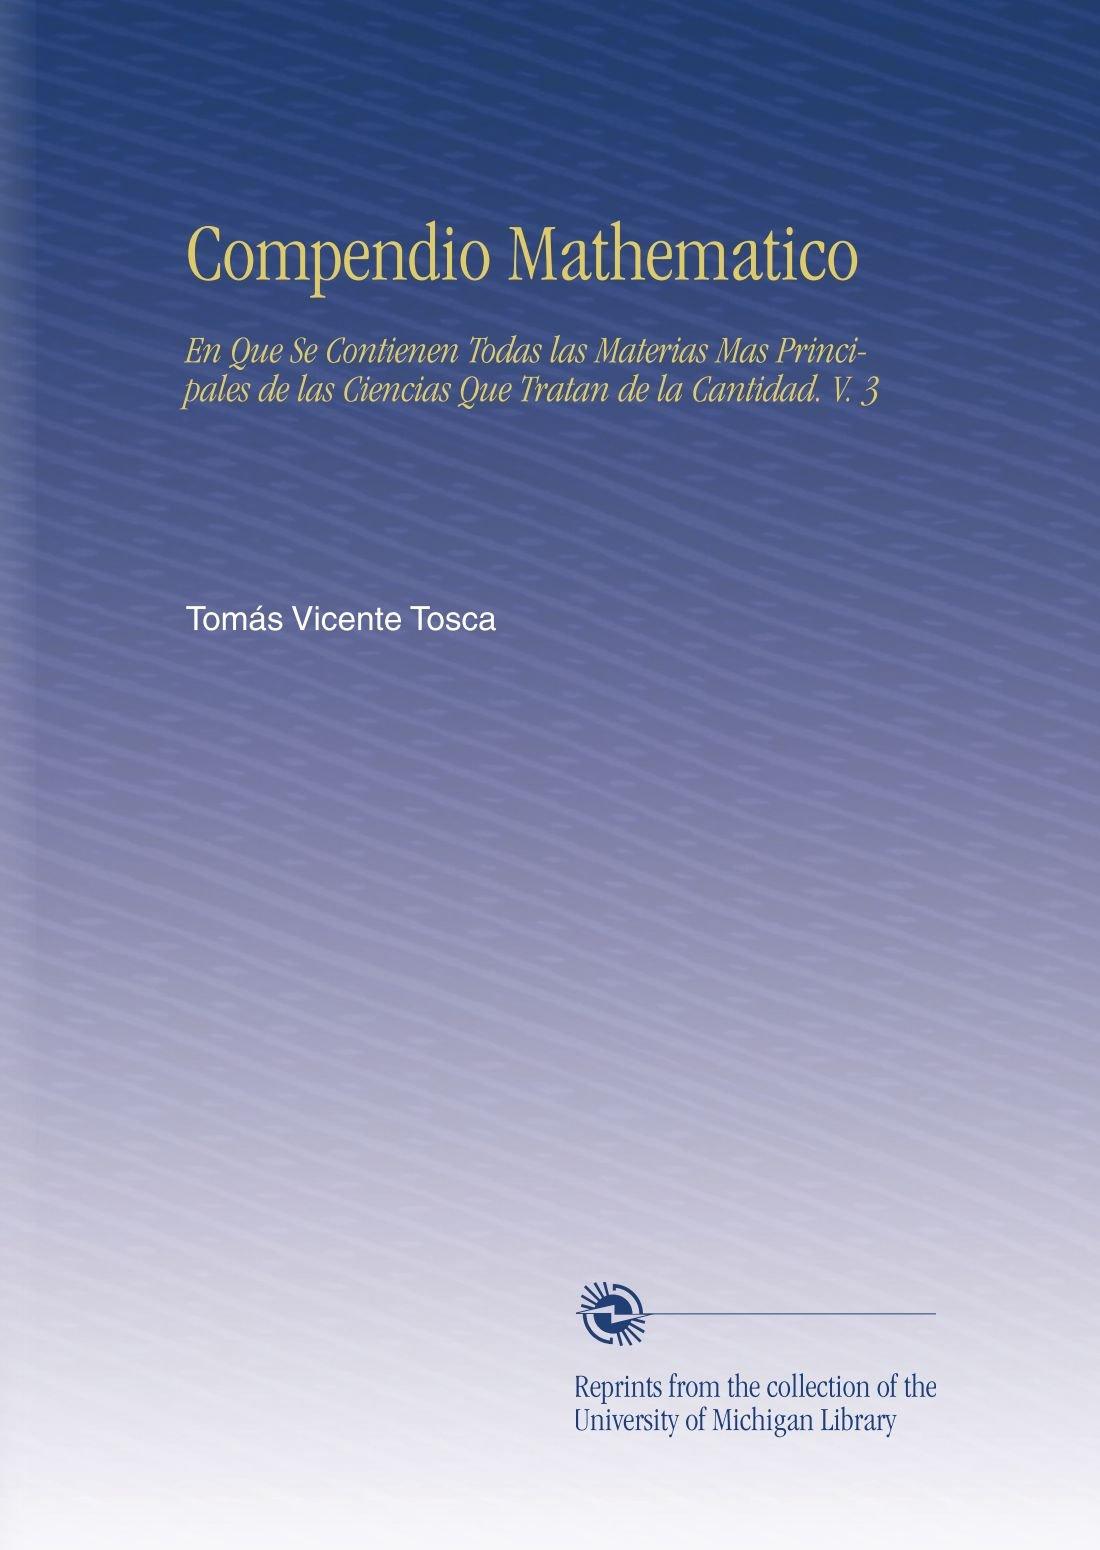 Read Online Compendio Mathematico: En Que Se Contienen Todas las Materias Mas Principales de las Ciencias Que Tratan de la Cantidad. V. 3 (Spanish Edition) pdf epub